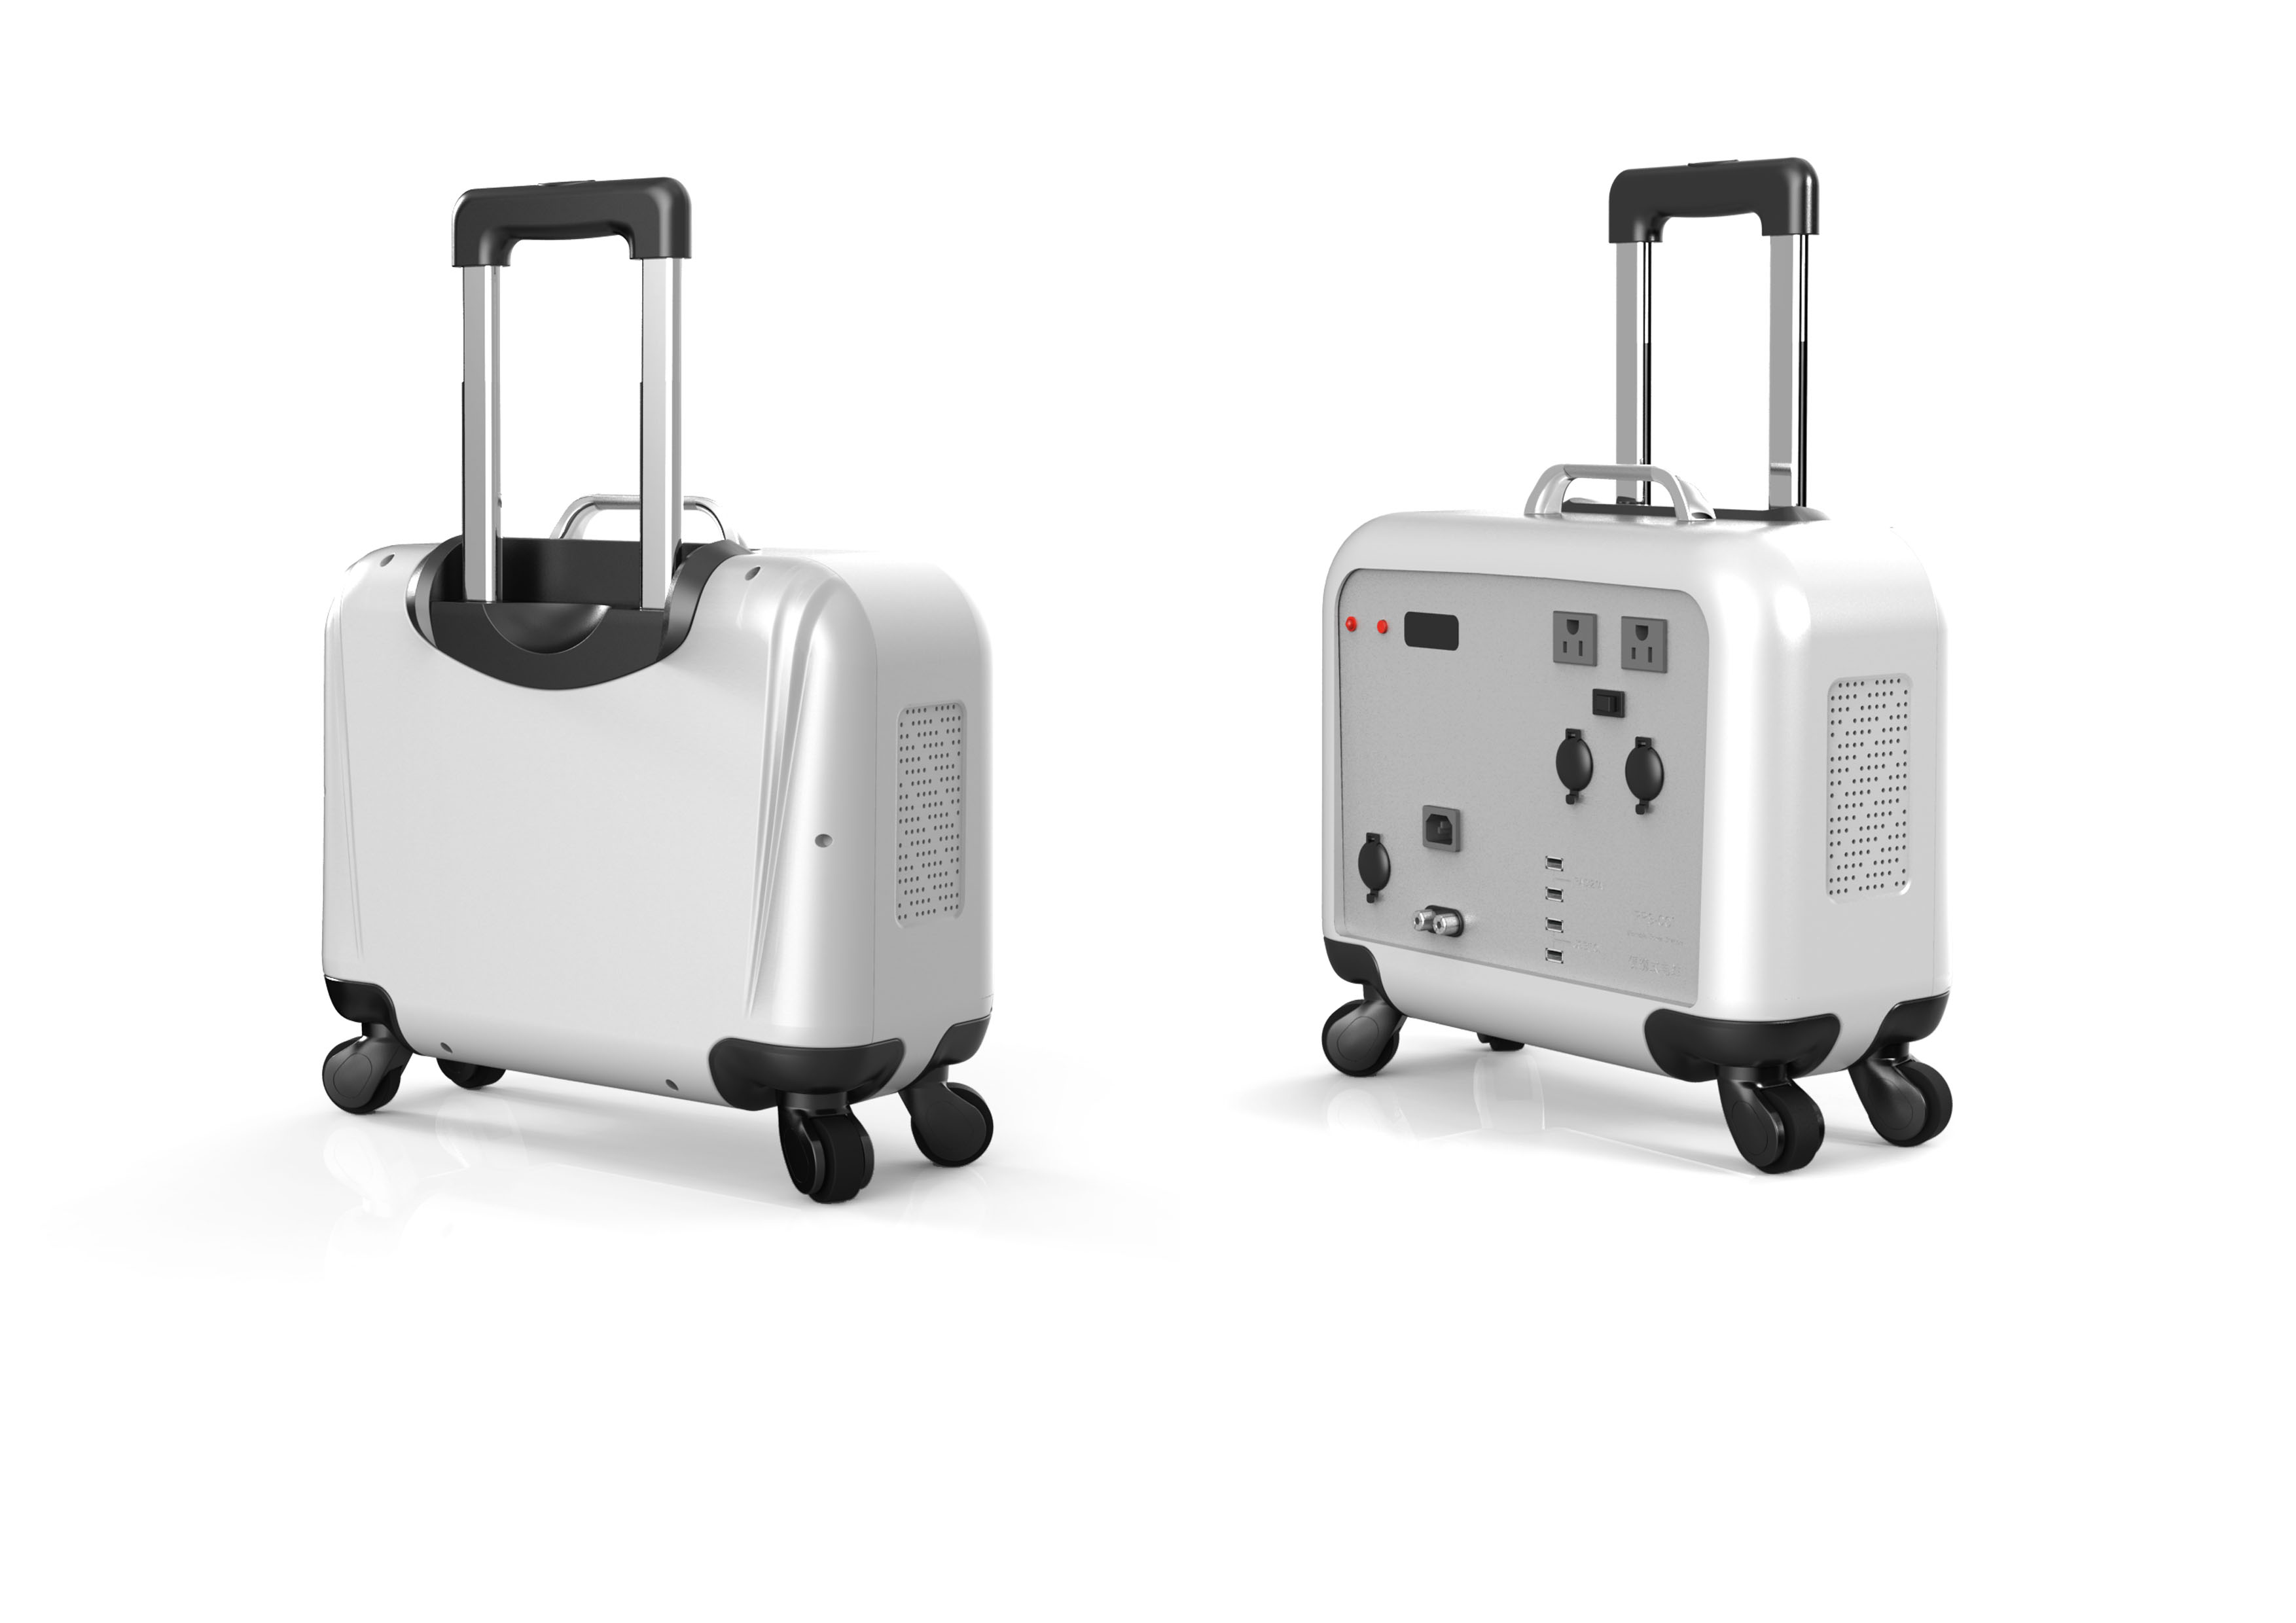 音响电源拉杆箱,工业产品设计,智能旅游箱包外观设计,机械结构设计